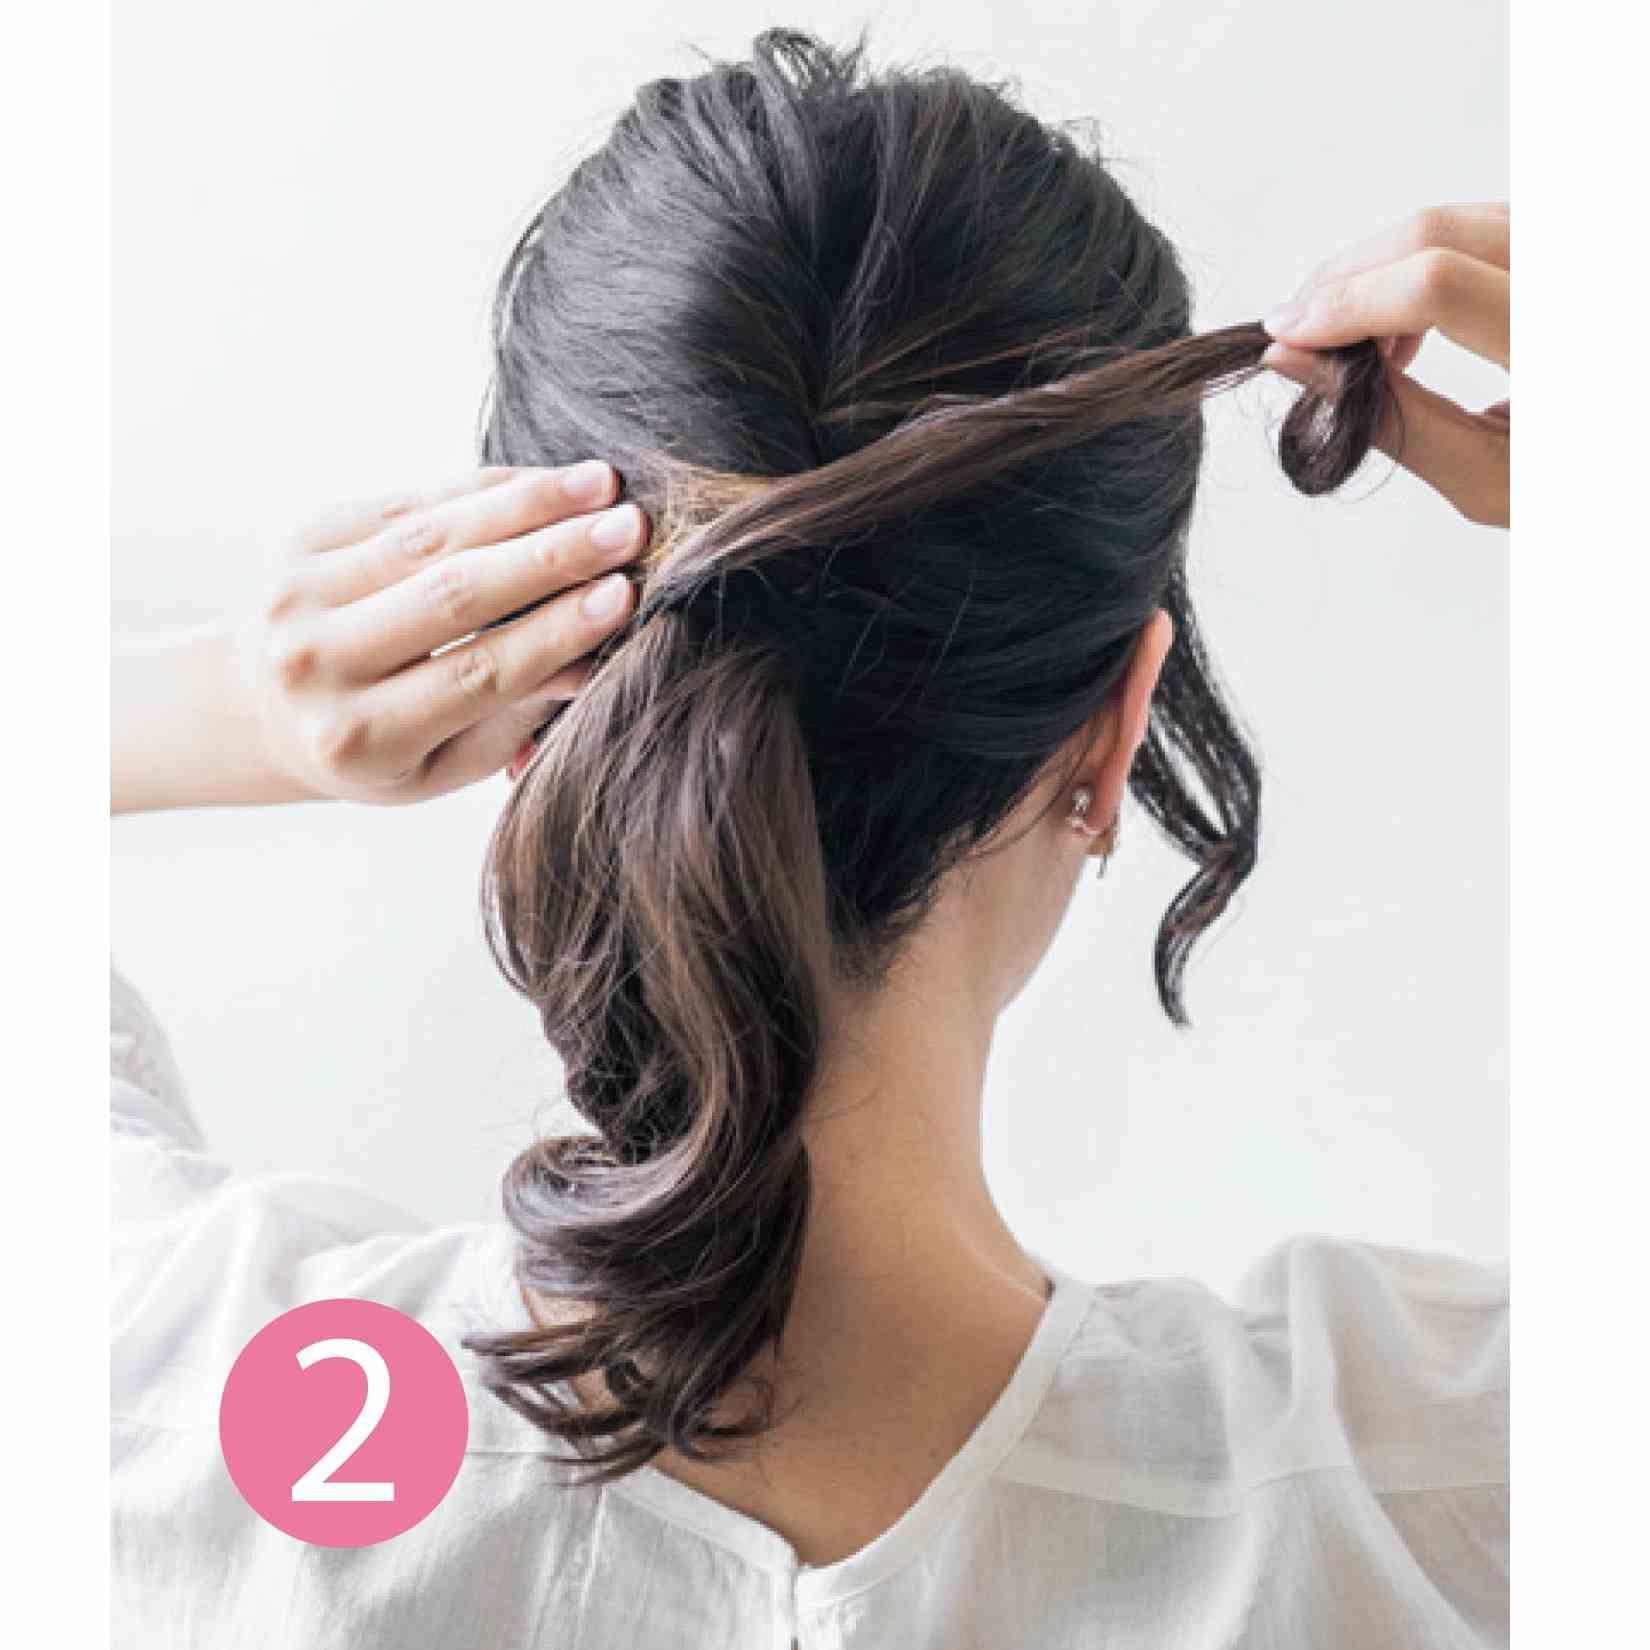 大人リラックスポニーテール how to use 地毛の根もとにウィッグのサイド毛を巻き付け、ヘアピンで固定します。